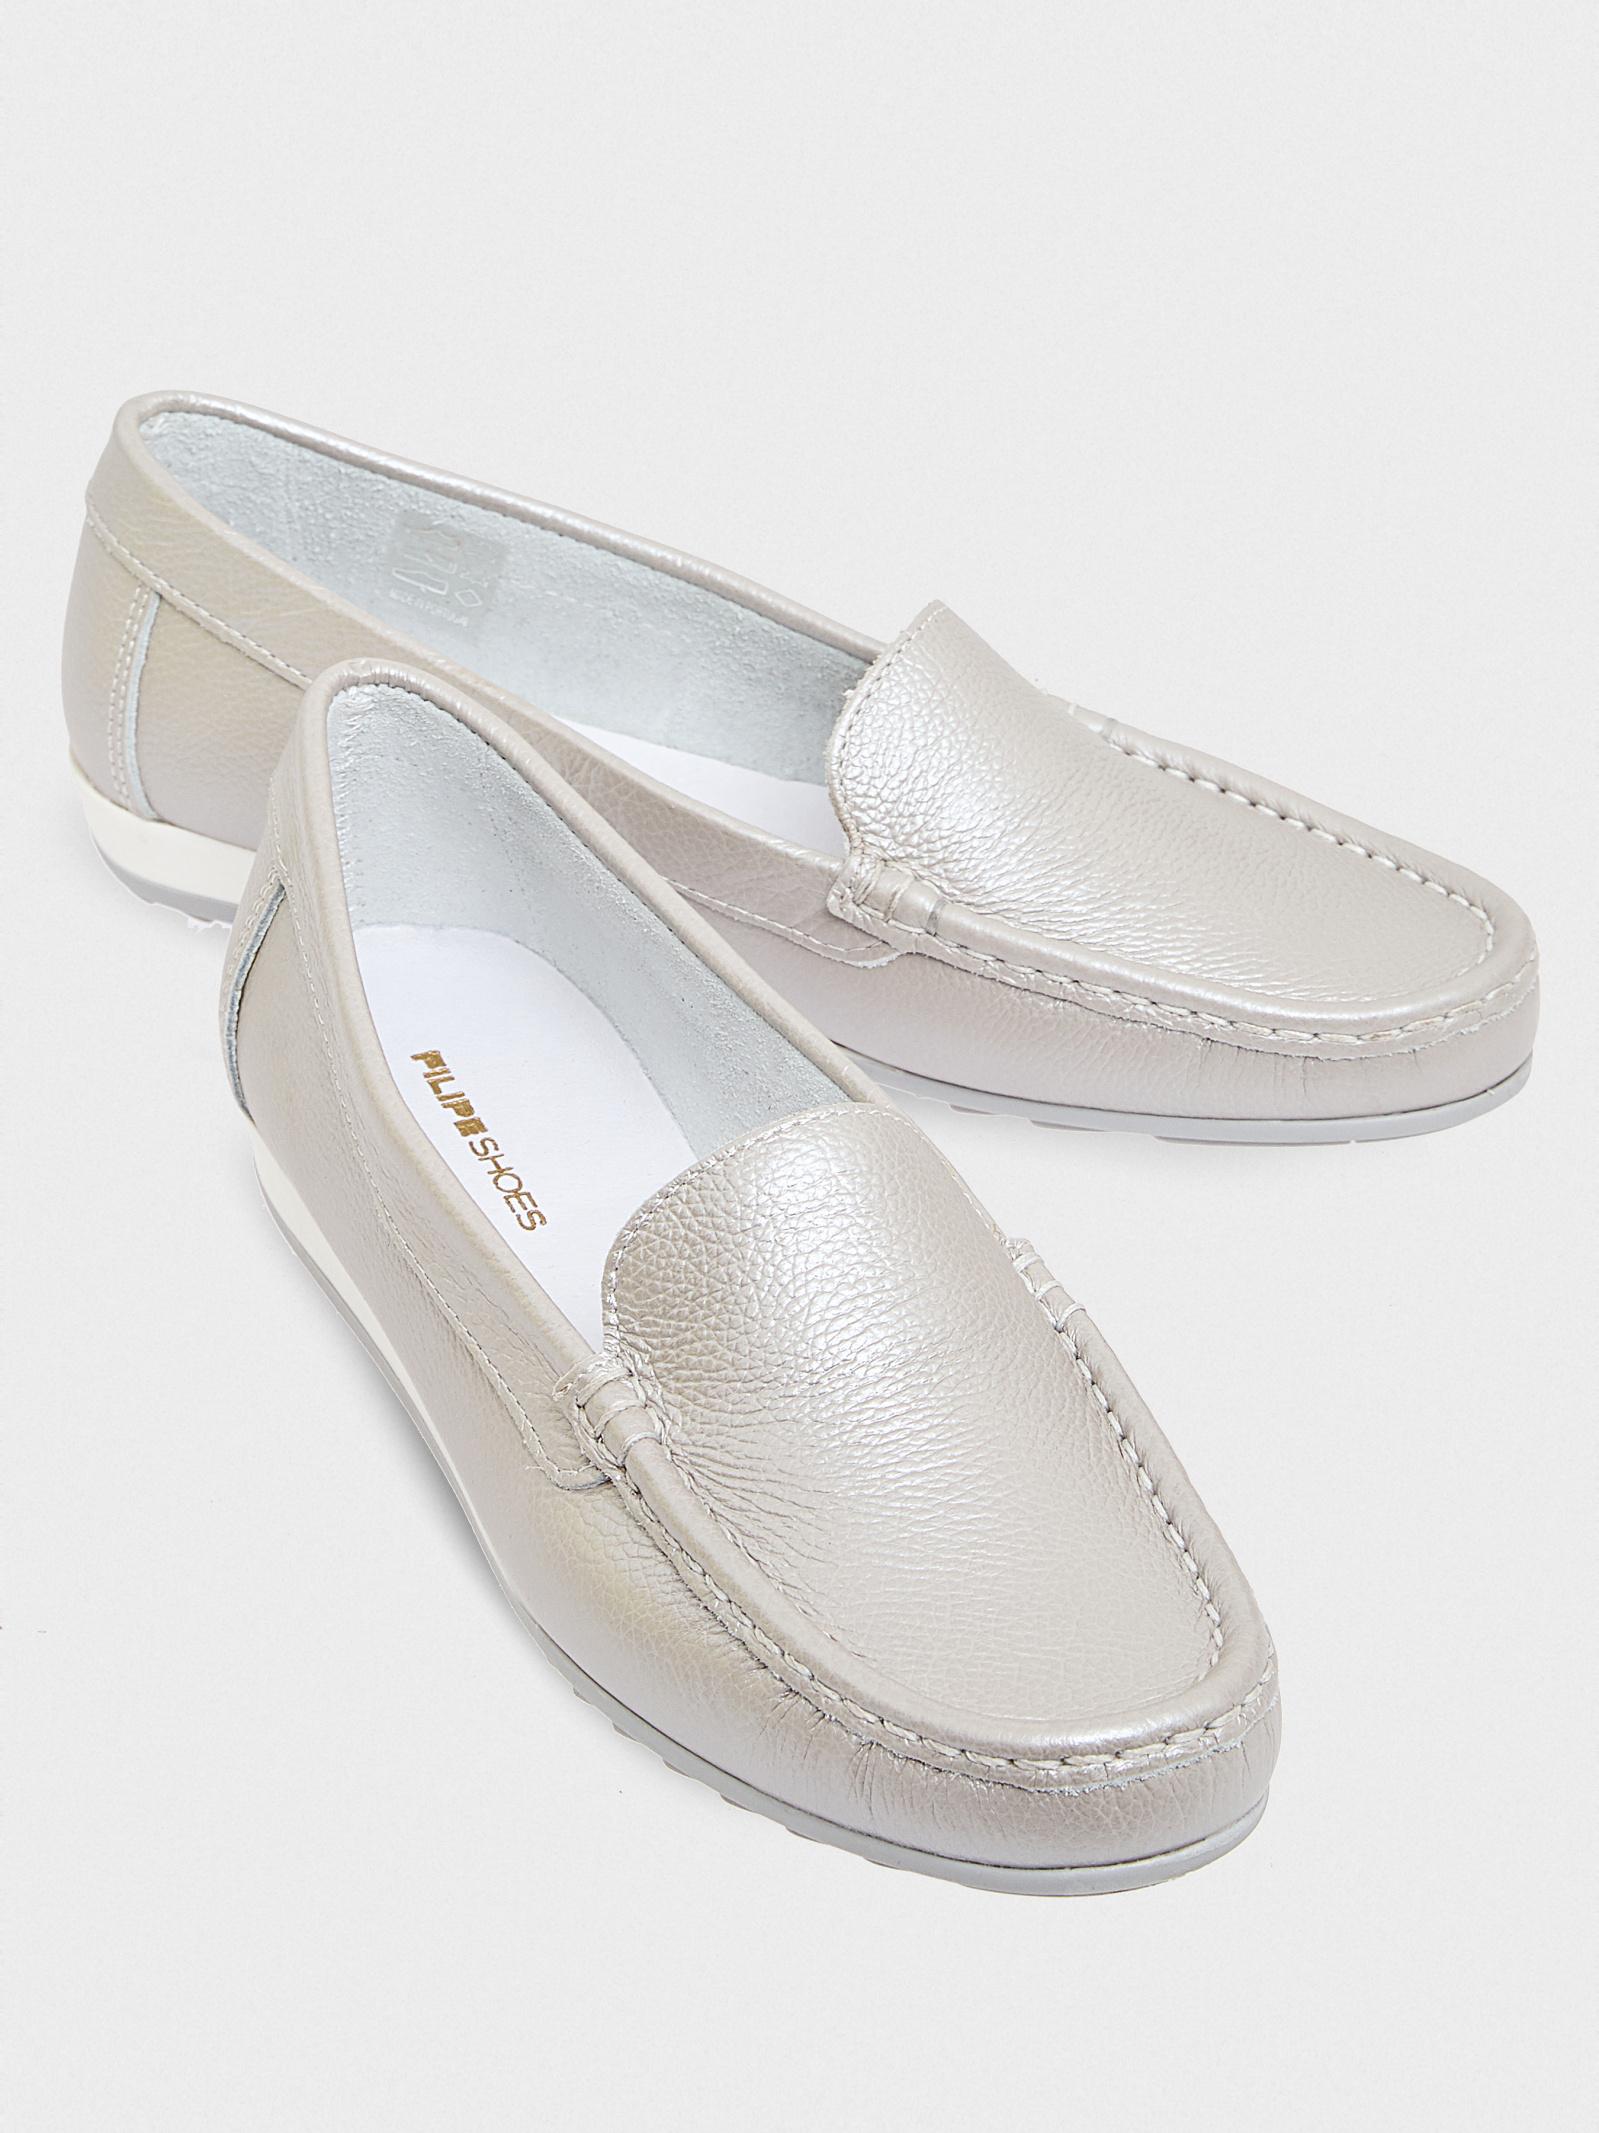 Мокасини  жіночі Filipe Shoes 11231 модне взуття, 2017